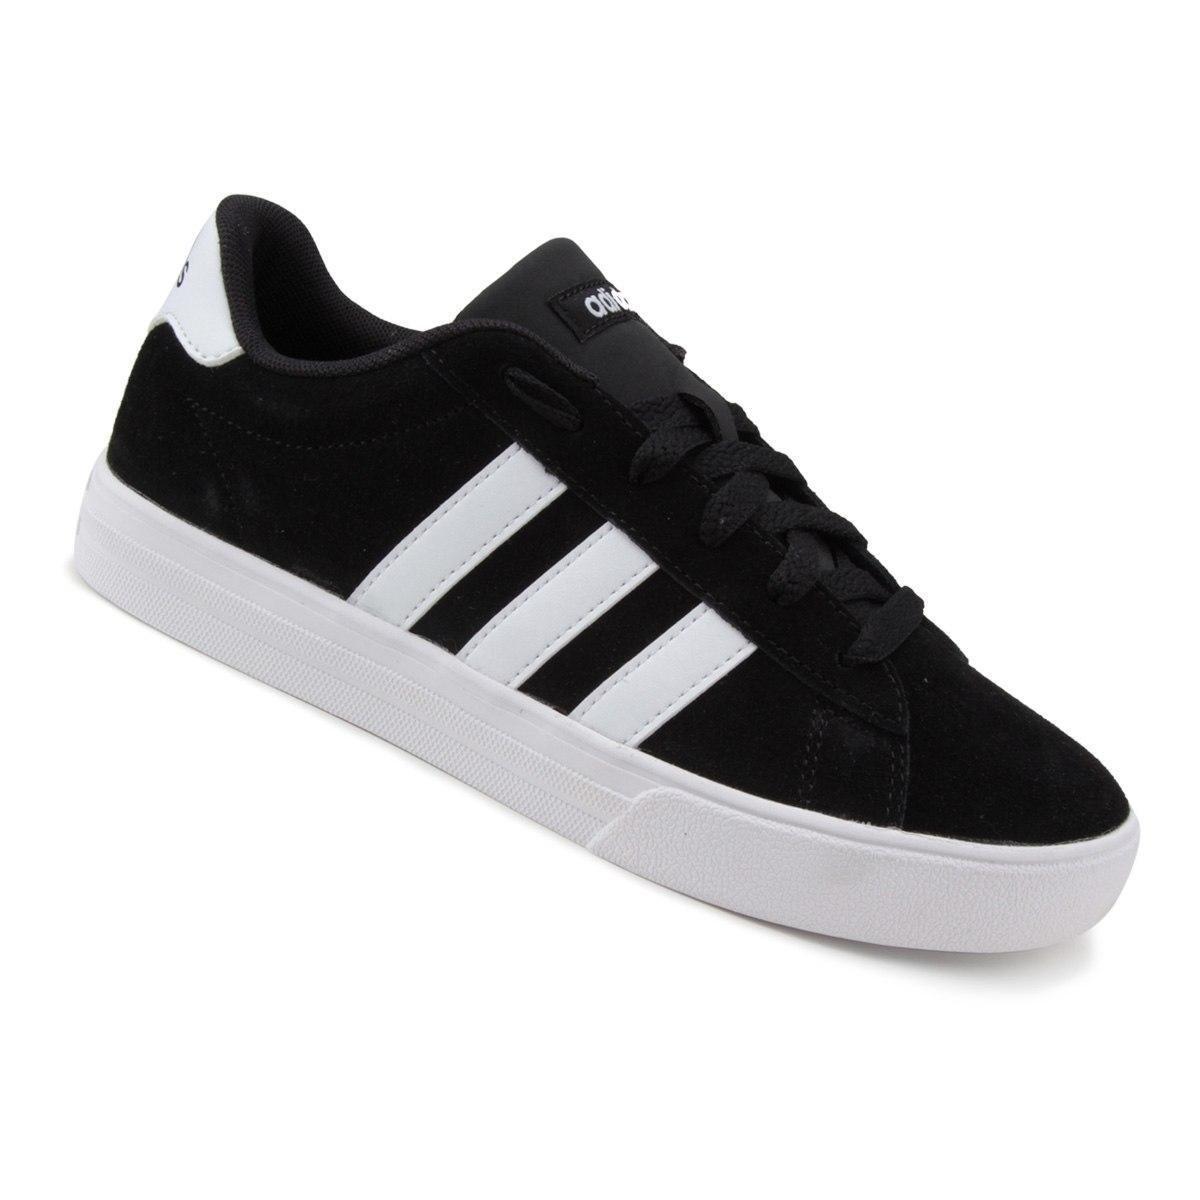 bc420bc514 Tênis Infantil Adidas Daily 2 K - Compre Agora